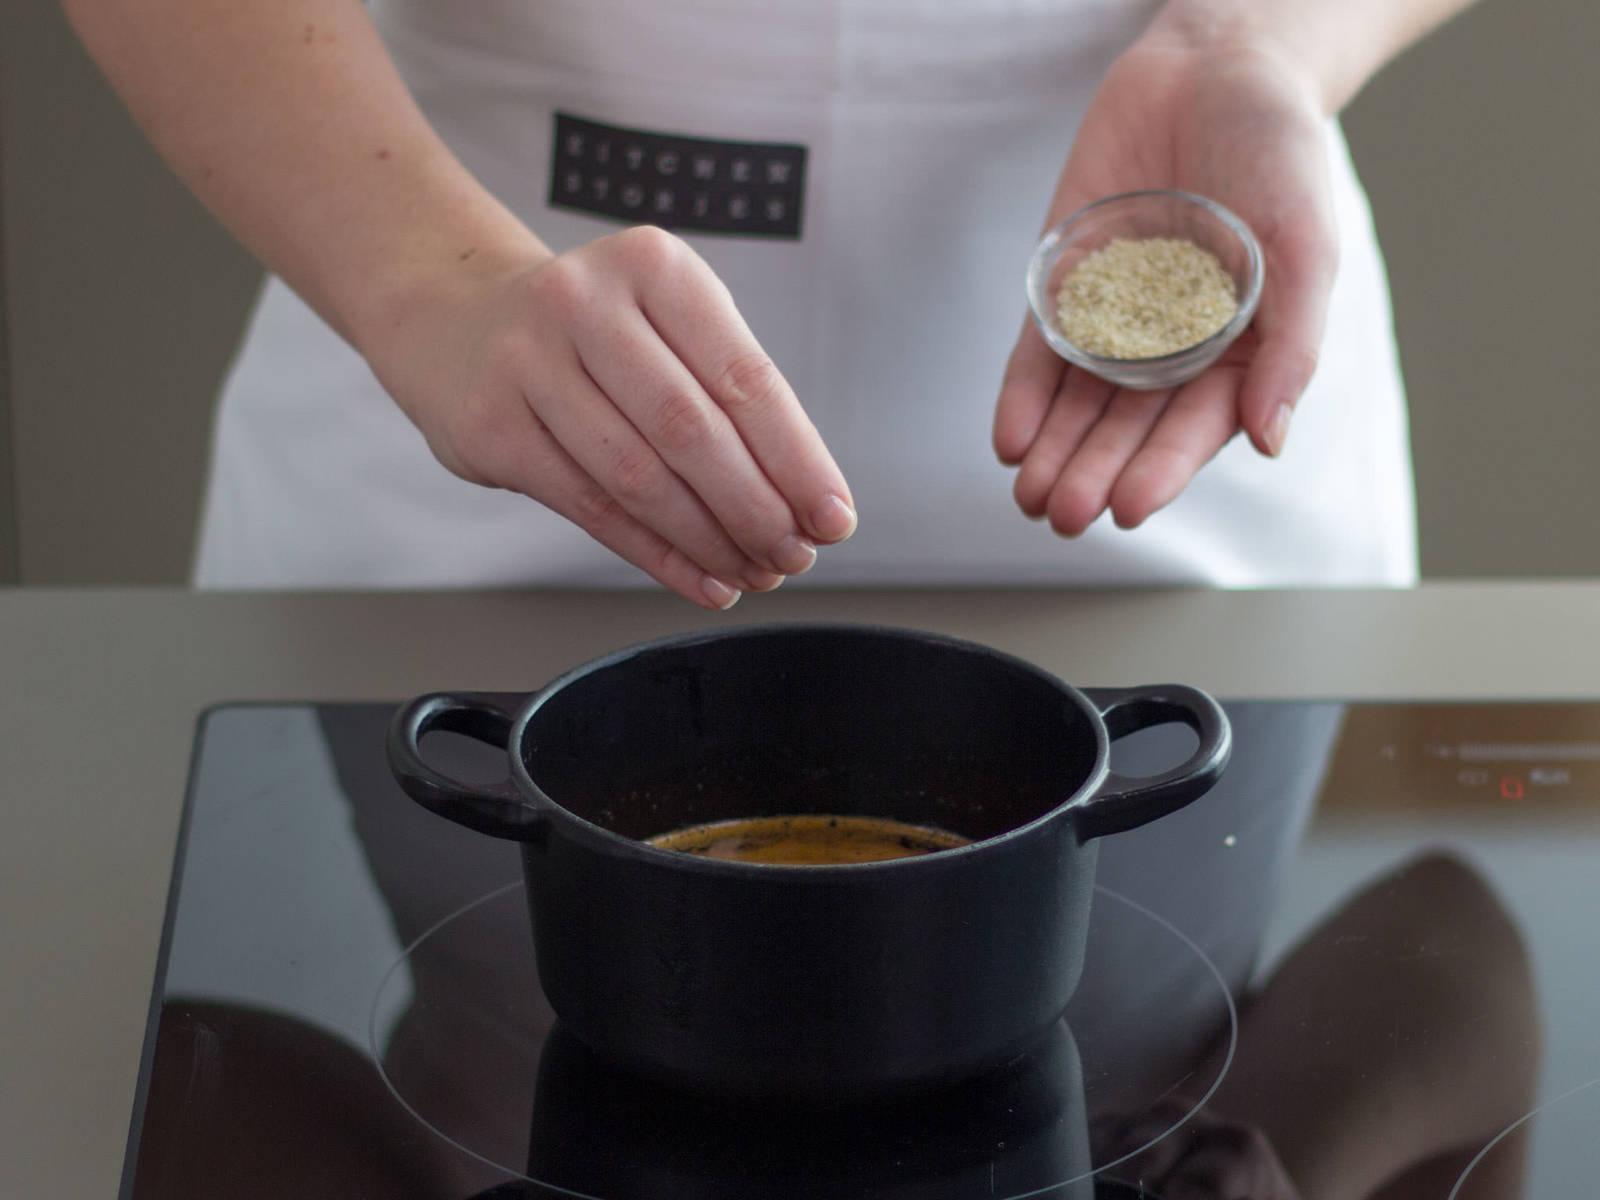 制作酱汁:向另一小锅中加入辣椒酱、苹果汁、棕糖、蒜末与大部分芝麻油。煮至沸腾,期间不时搅拌。用高温煮3-5分钟,或煮至汤汁浓稠,然后停止加热,拌入芝麻。